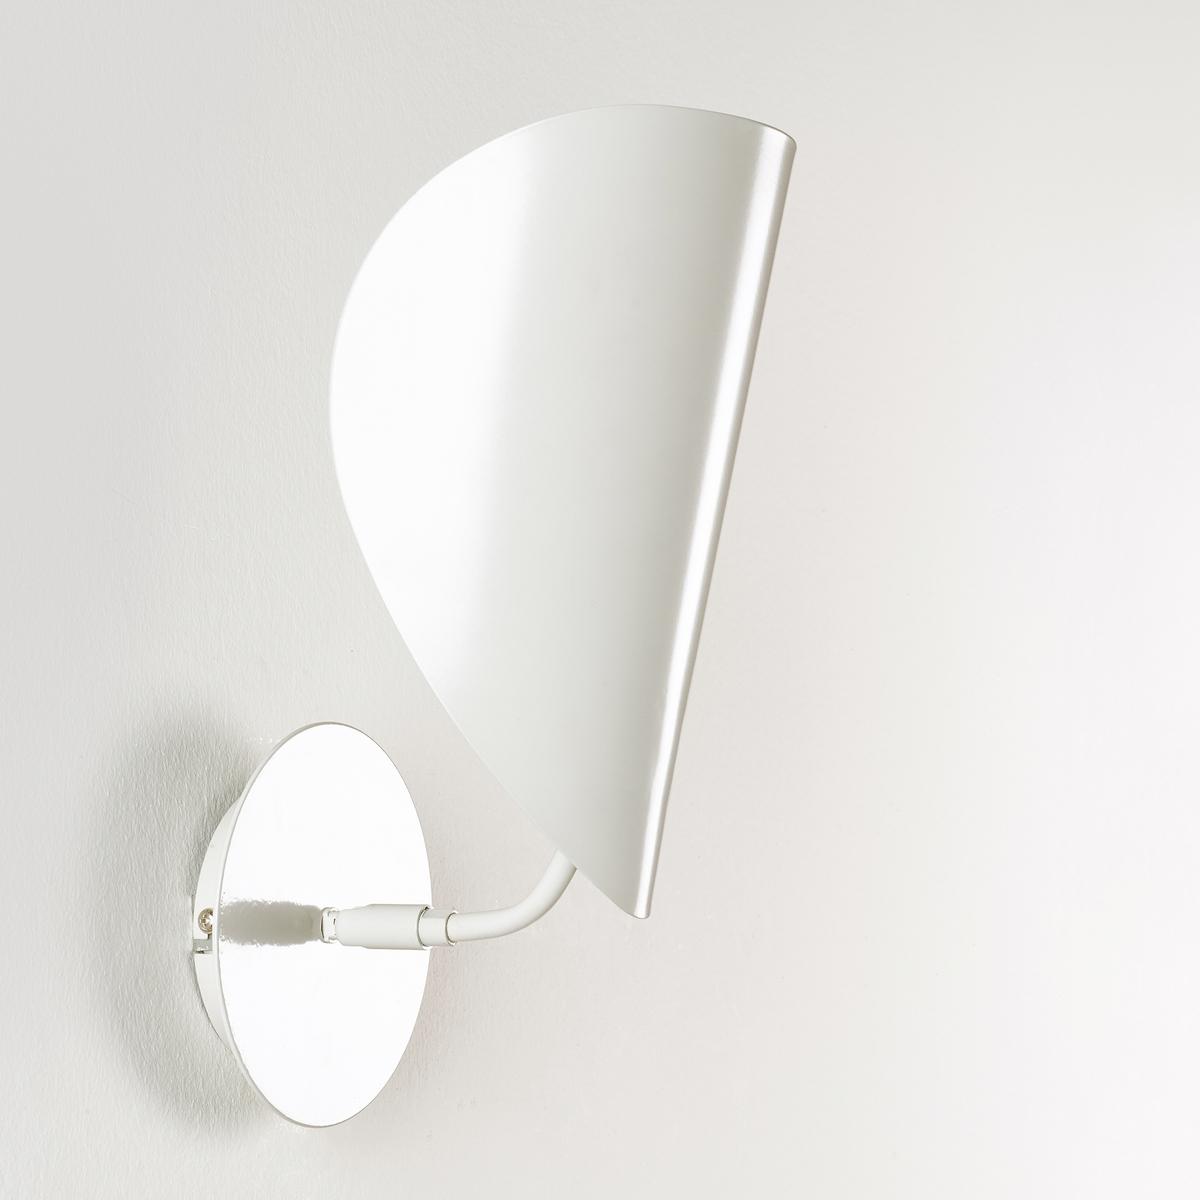 Бра FunambuleБра Funambule. Тонкая и воздушная форма, вдохновленная движущимися объектами и природой, поворачивающийся абажур в форме листа. Бра отлично подходит для любой комнаты.Характеристики :Из металла с матовым эпоксидным покрытием- Патрон E14 для компактной флуоресцентной лампы макс. 8 Вт (продается отдельно)- Совместим с лампами класса энергопотребления A Размеры :- Ш.30 x В.30 x Г.17 см.<br><br>Цвет: серо-бежевый